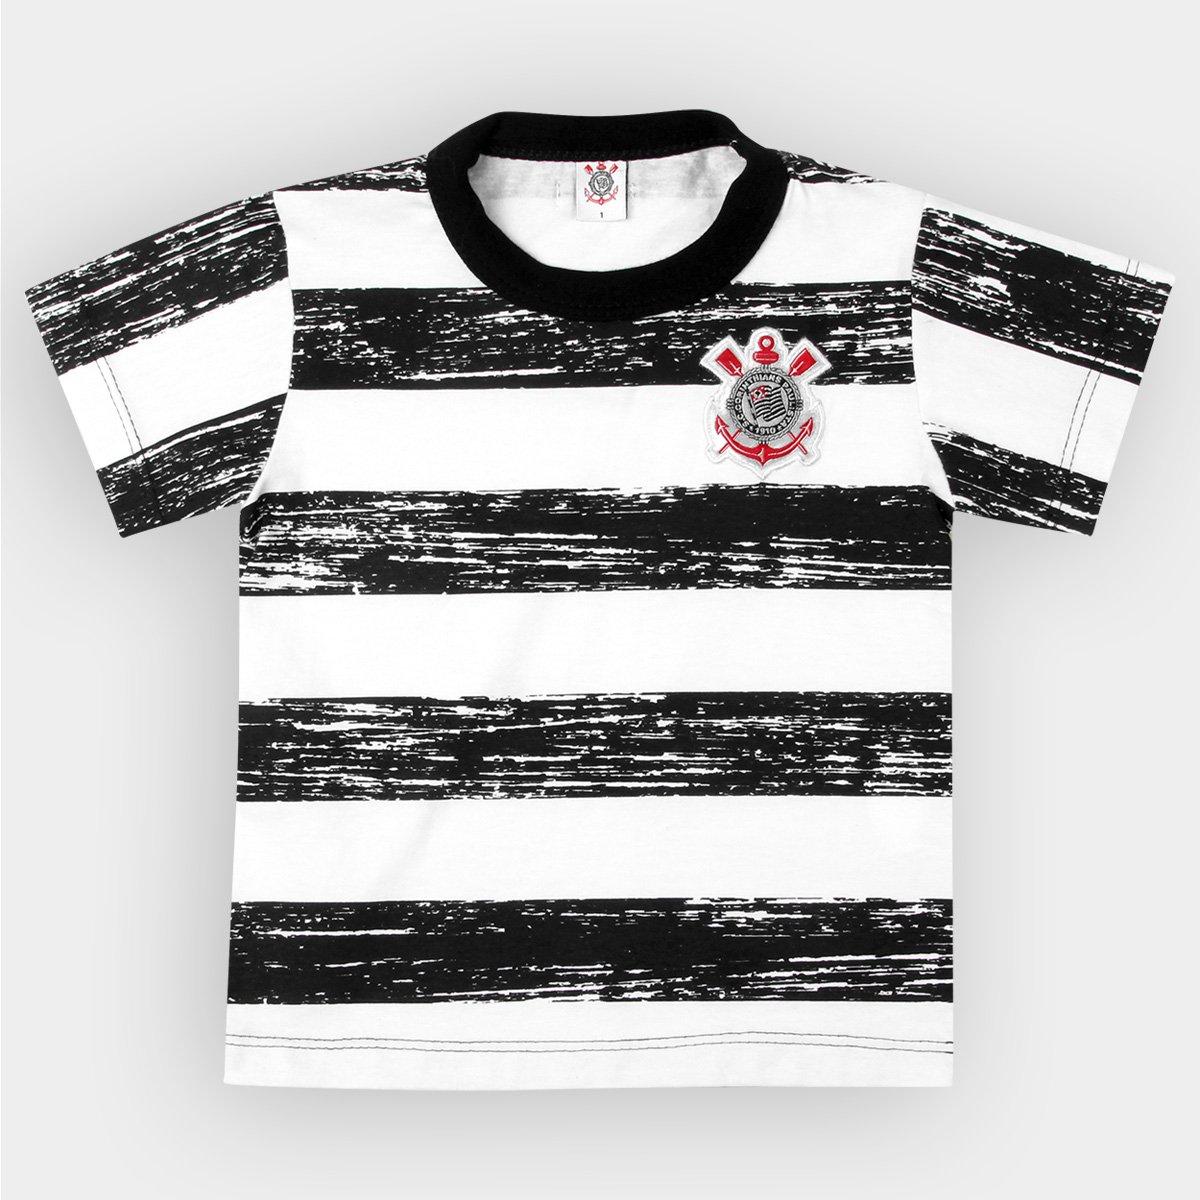 71e659903d73b Camiseta Corinthians Infantil Listras Craqueladas - Preto e Branco - Compre  Agora